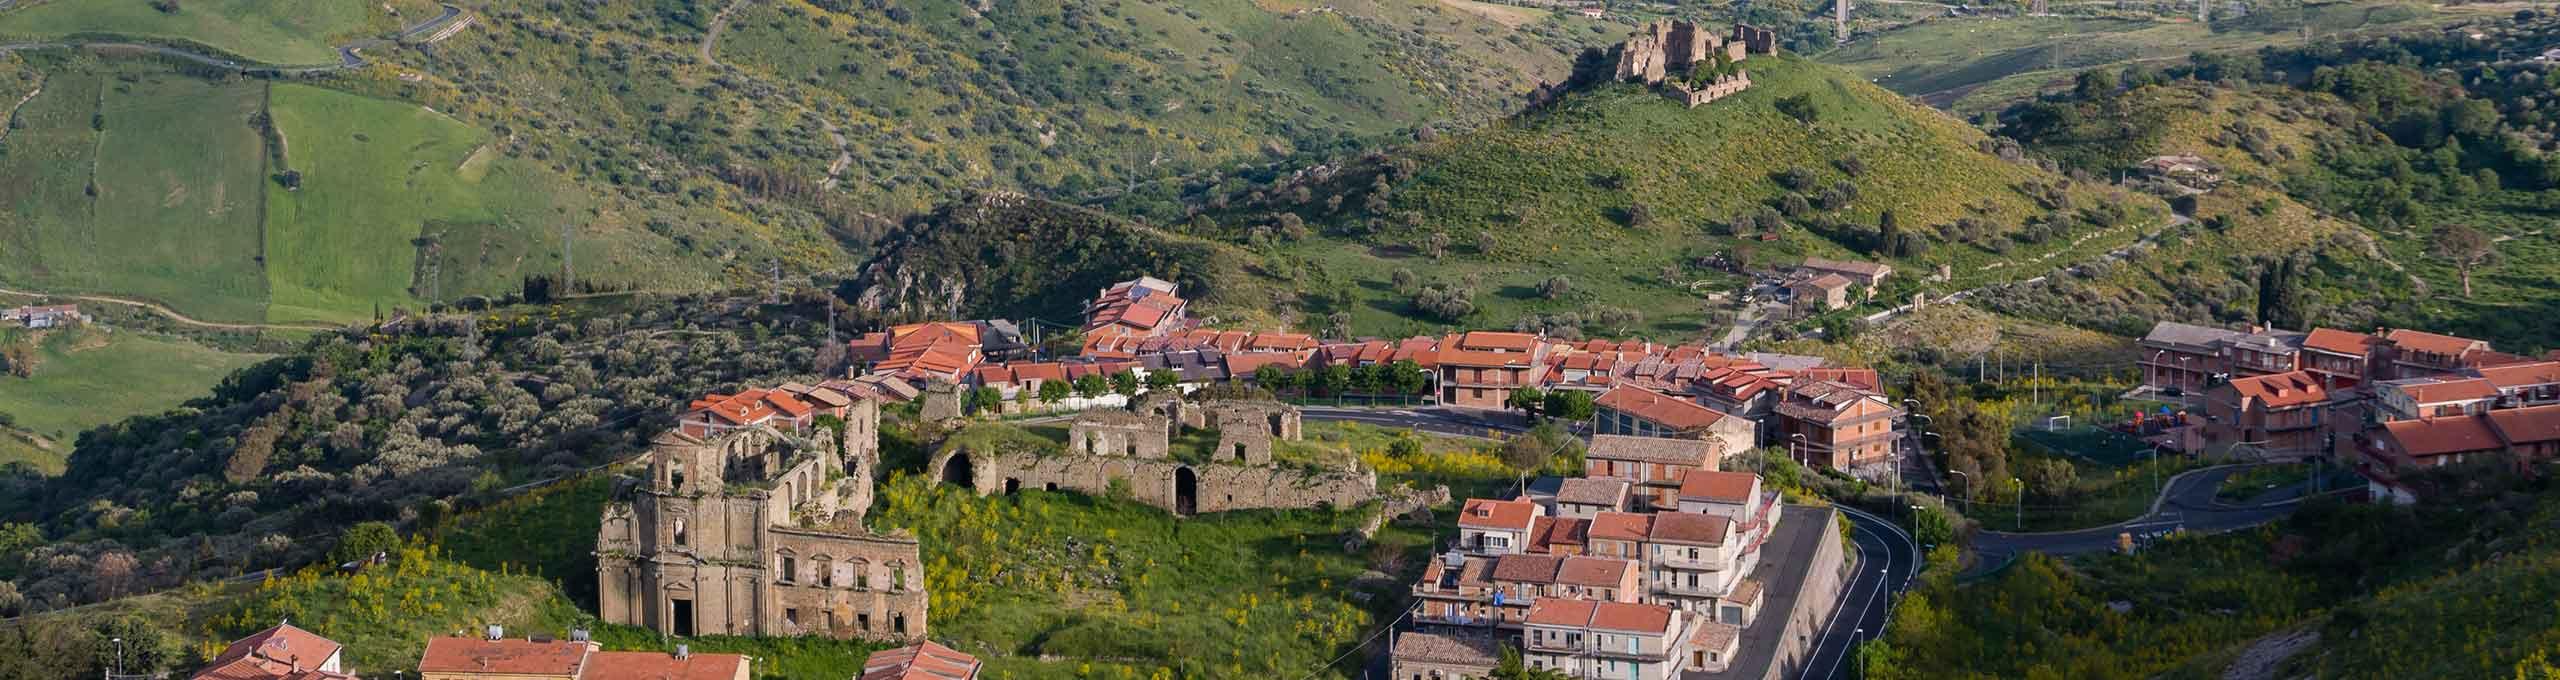 Troina, Parco dei Nebrodi